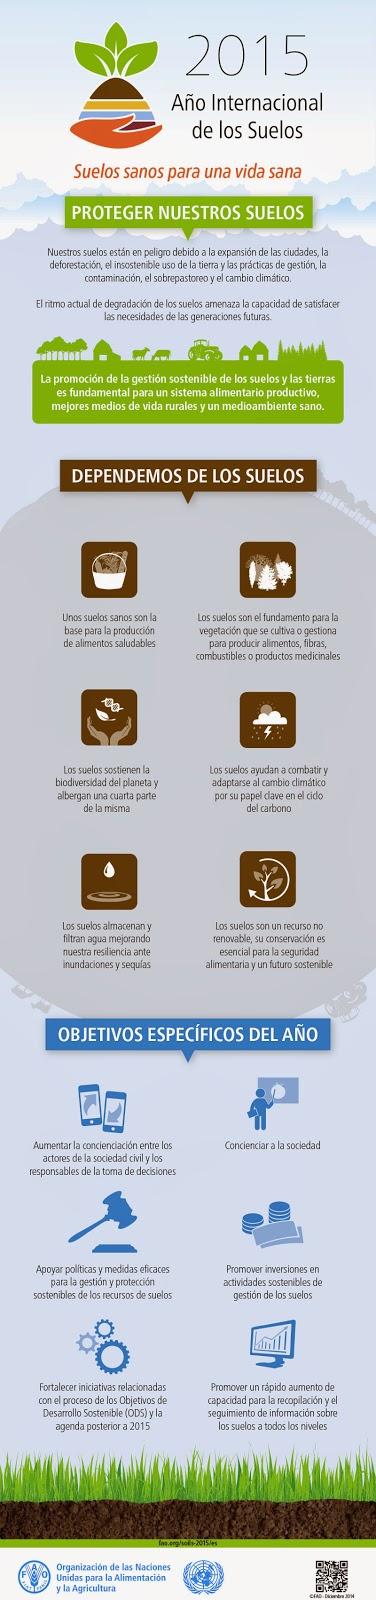 infografia año internacional de los suelos 2015 FAO